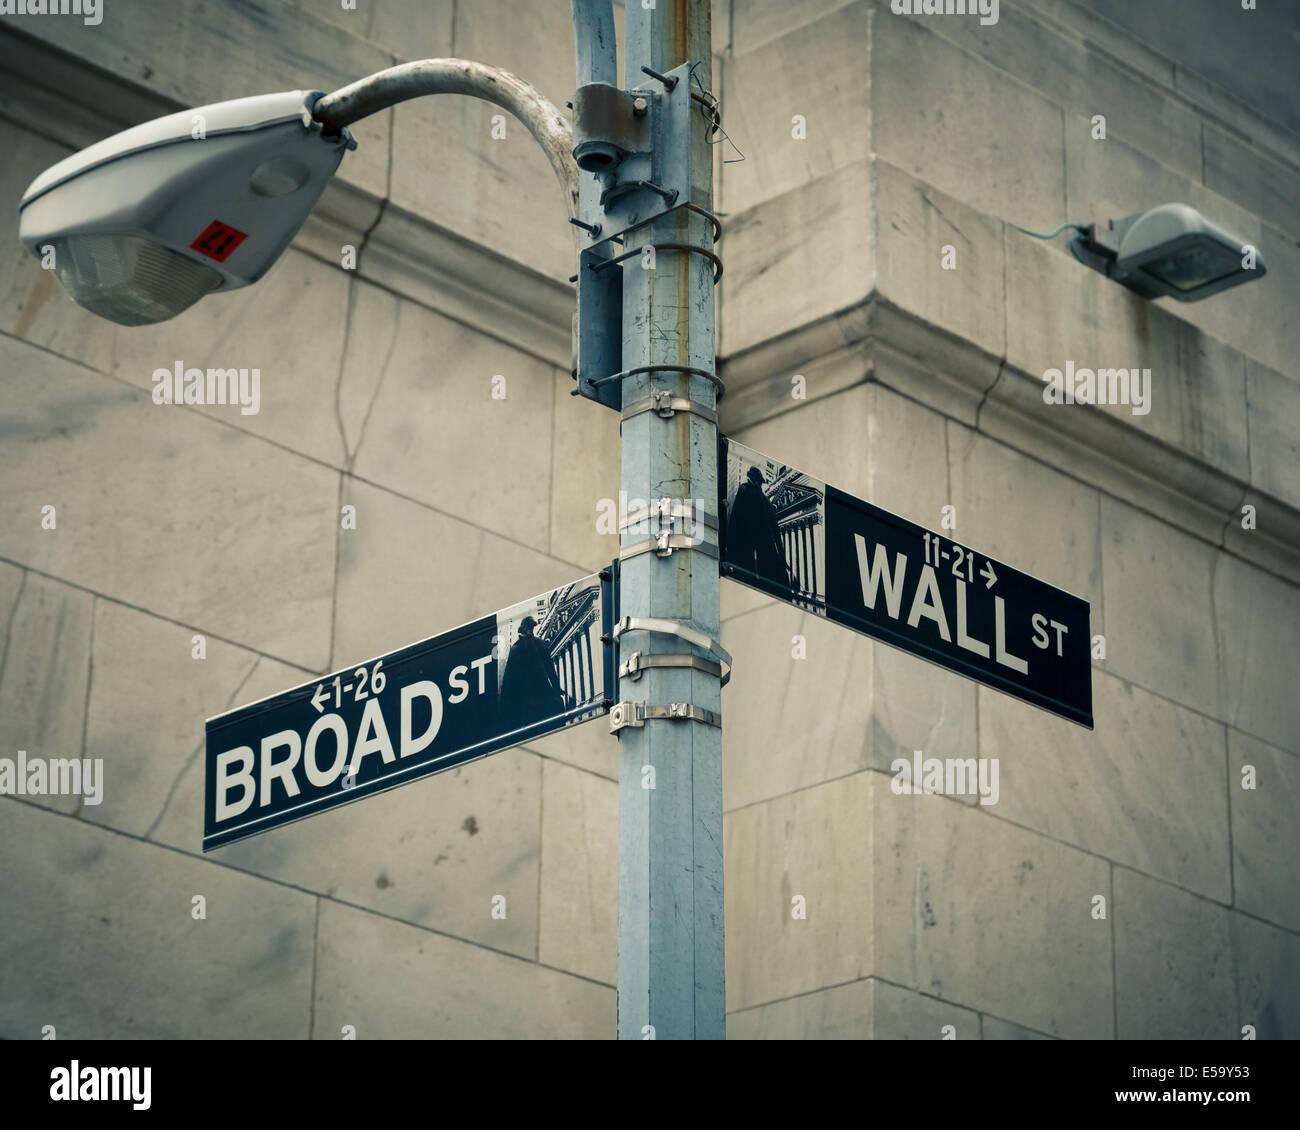 Les plaques de rue de Wall street et Broad Street Photo Stock